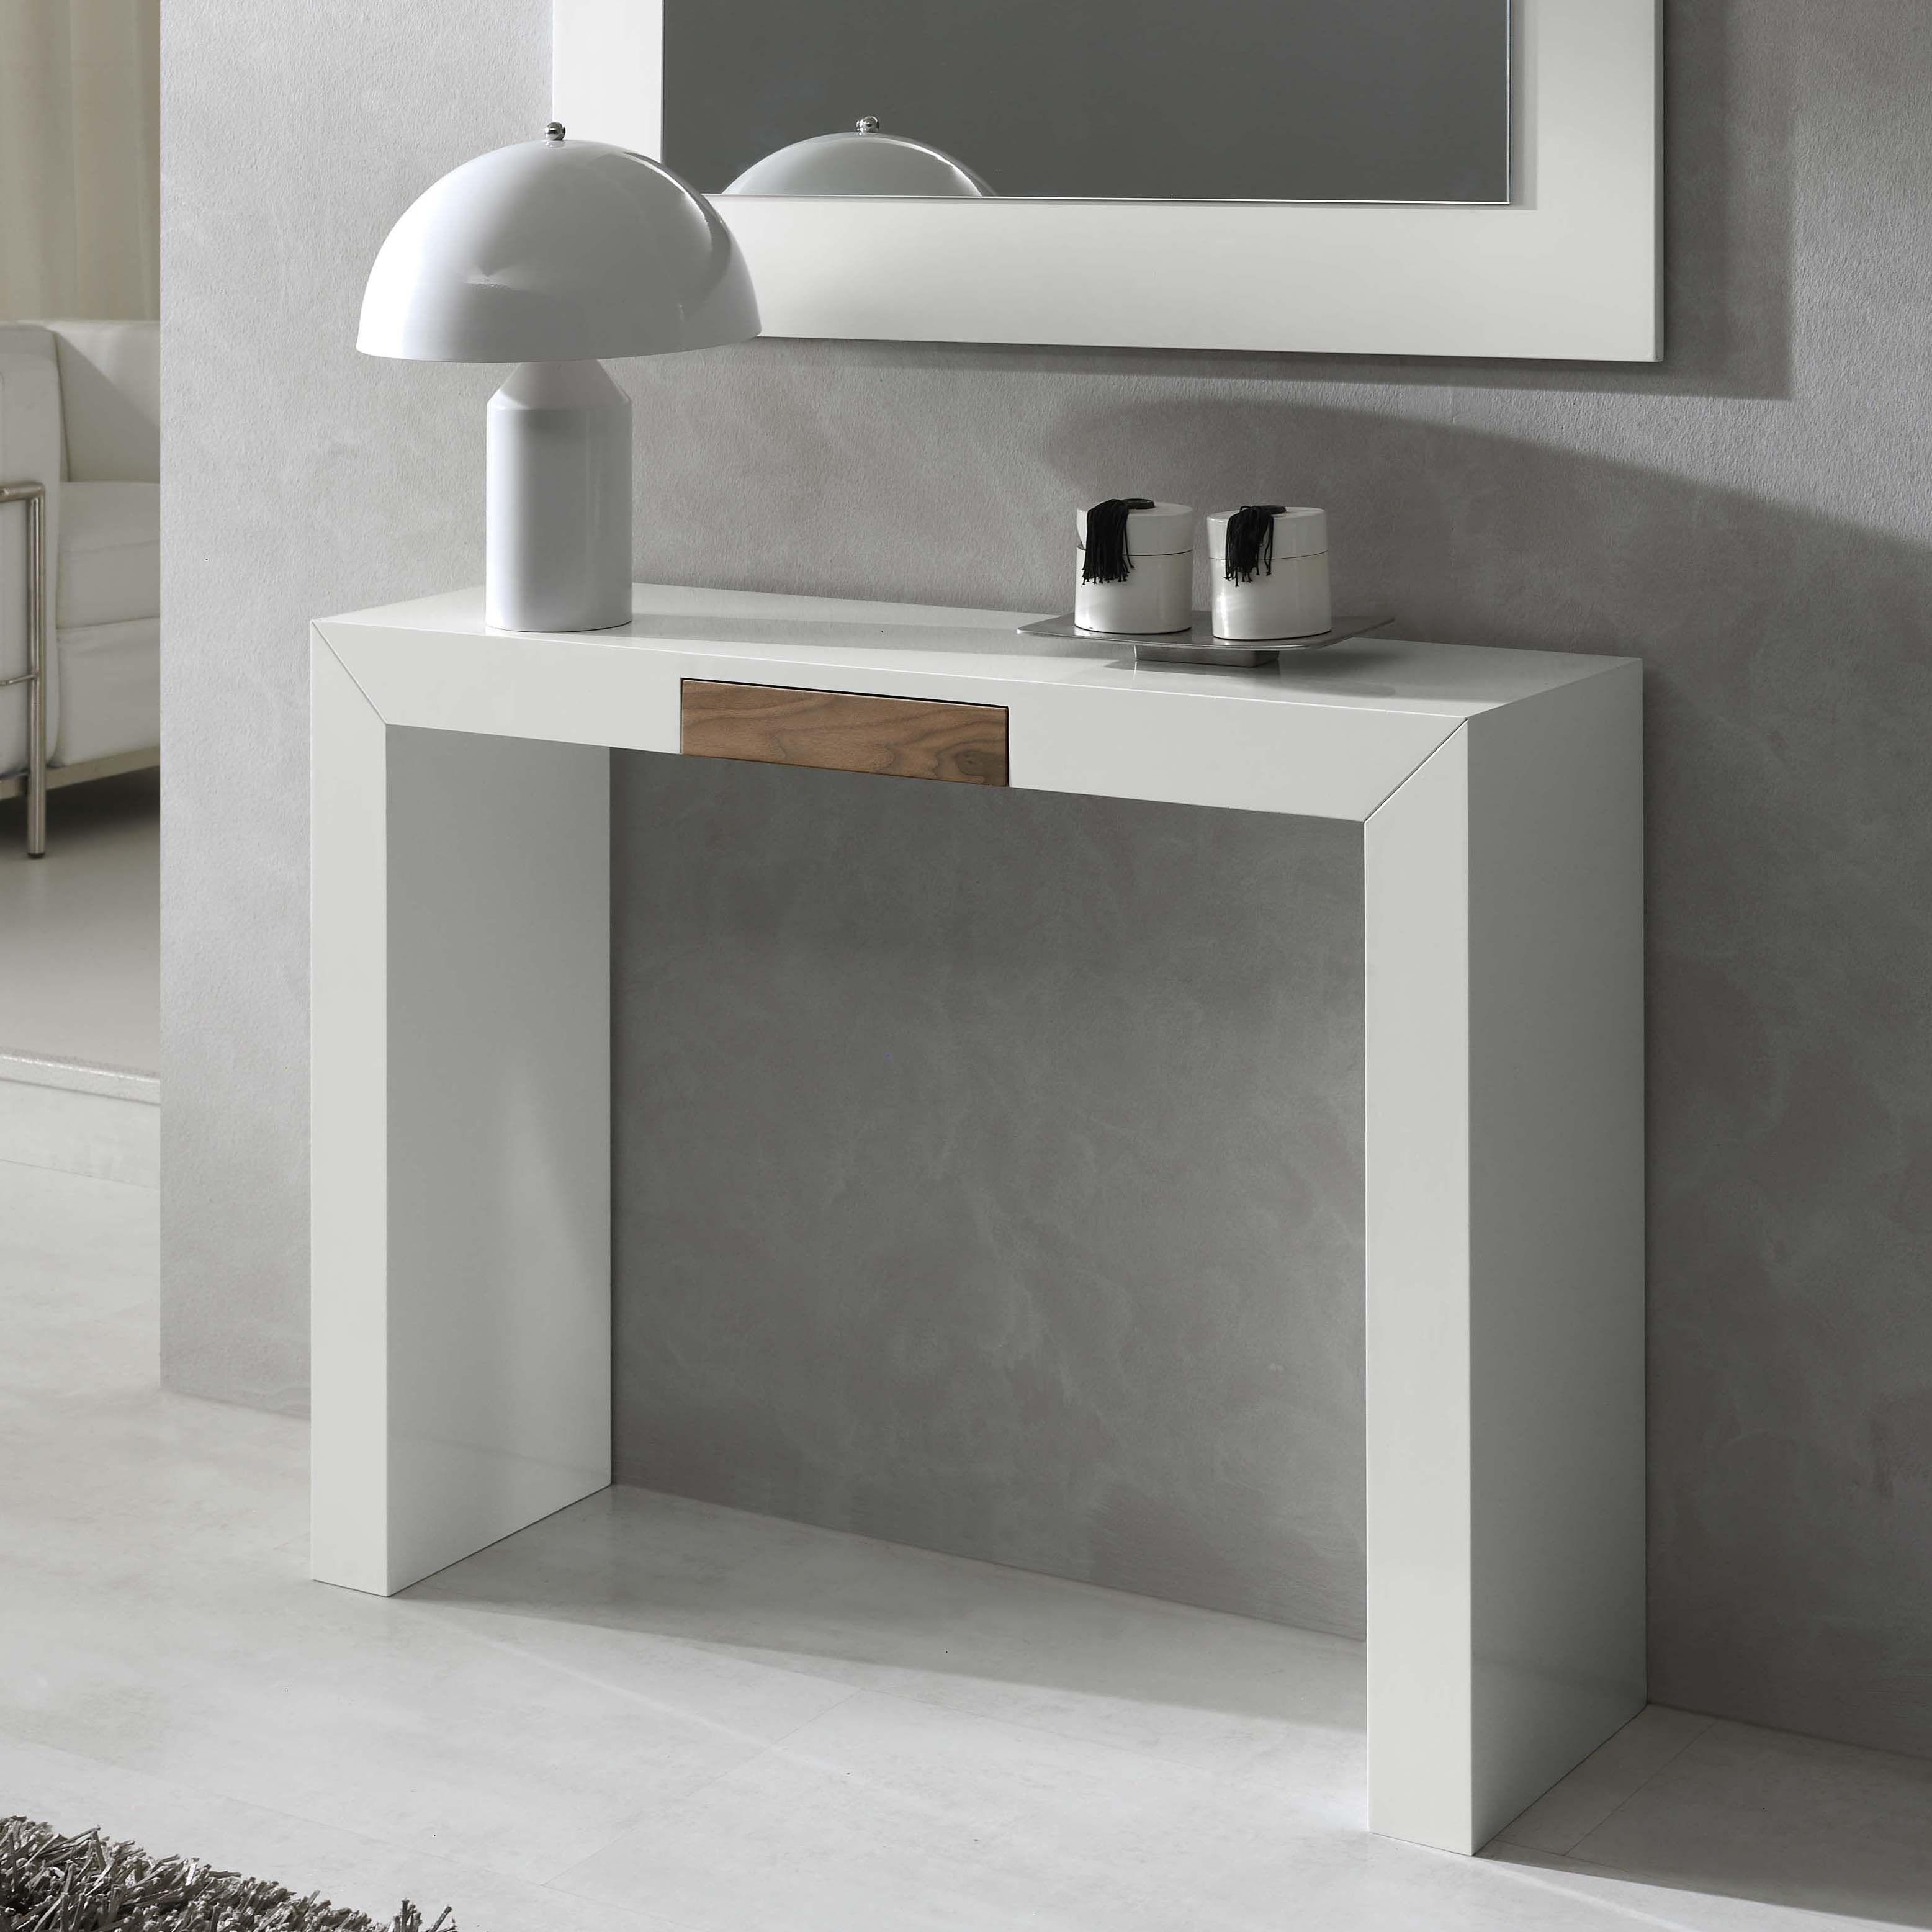 Consola moderna blanca CON-05 | Decoracion de interiores | Pinterest ...